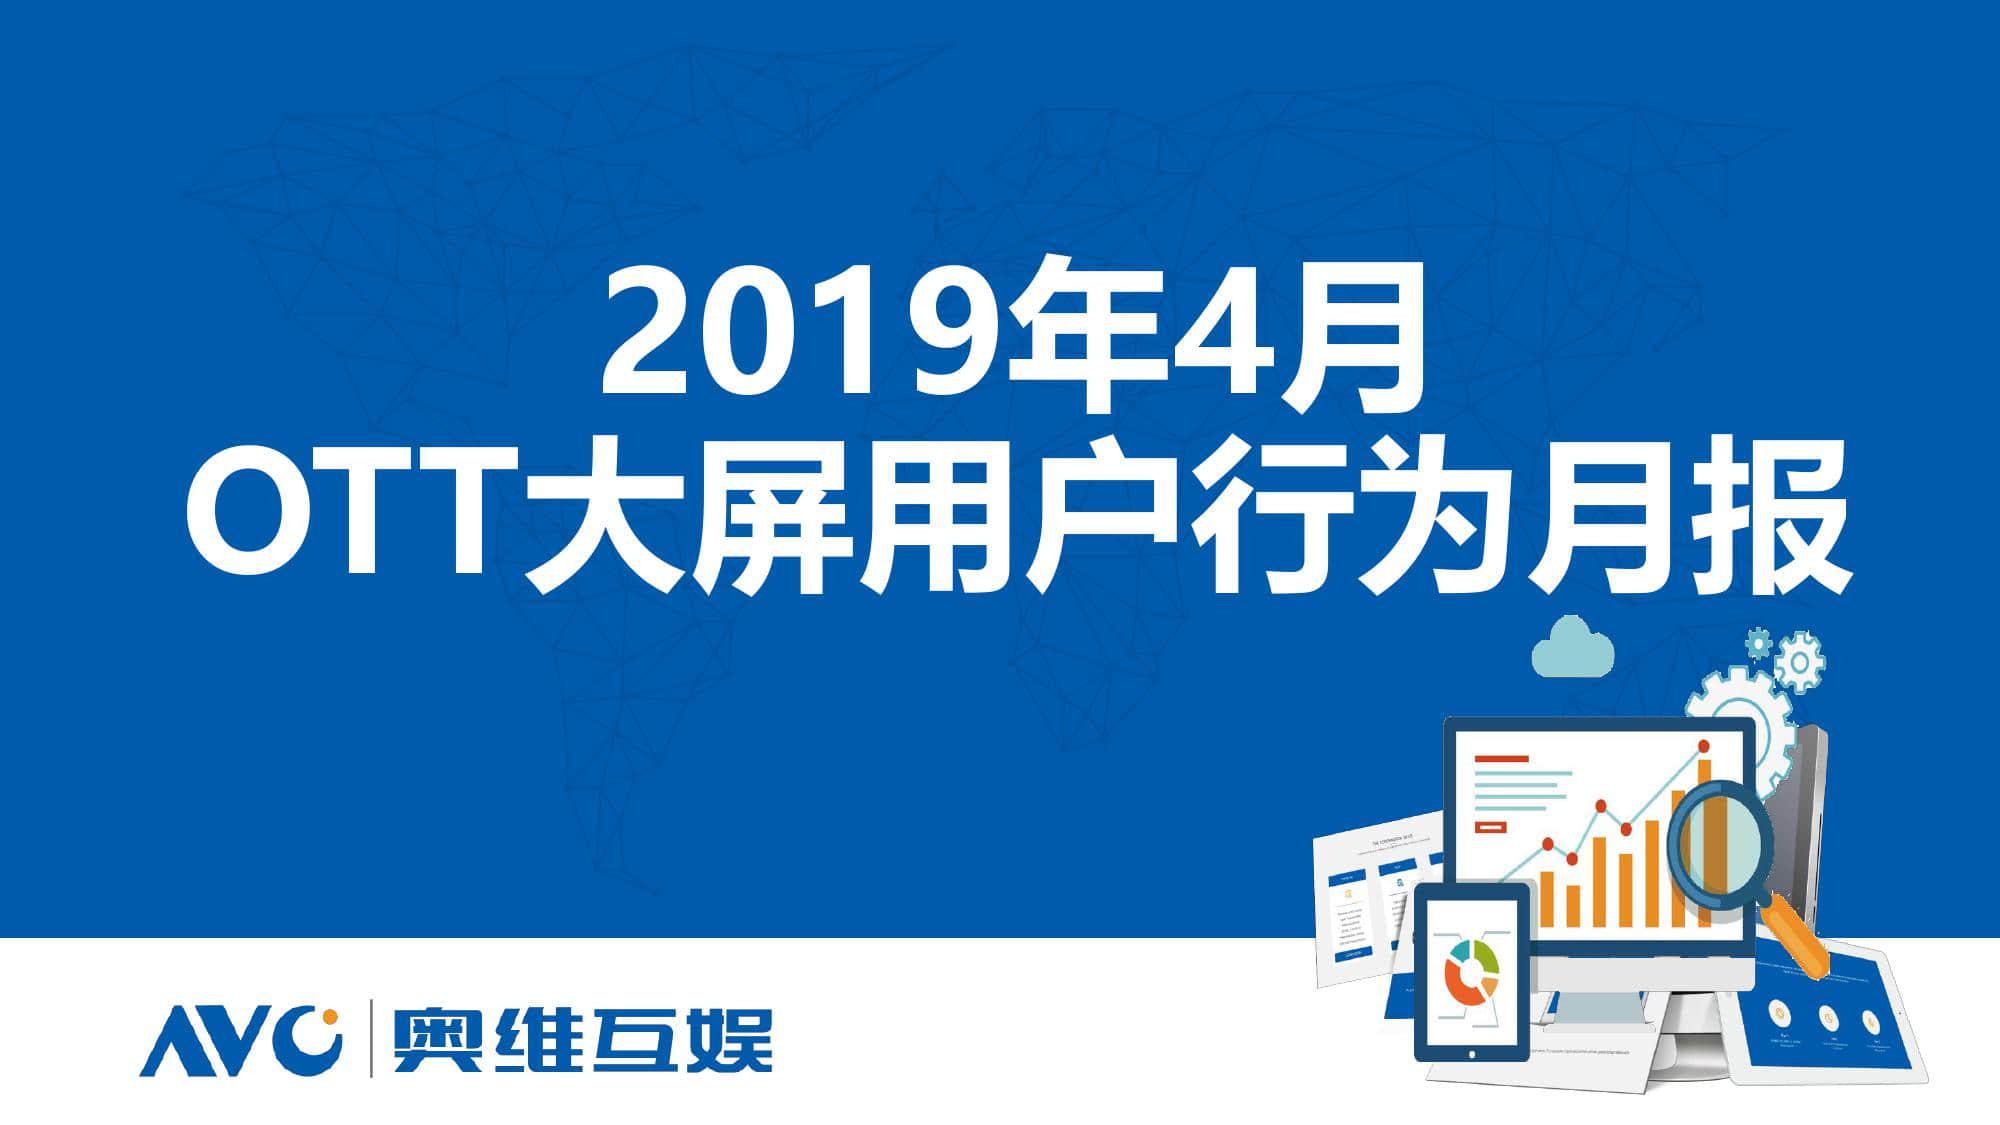 奥维互娱:2019年4月OTT大屏用户行为月报(附下载)